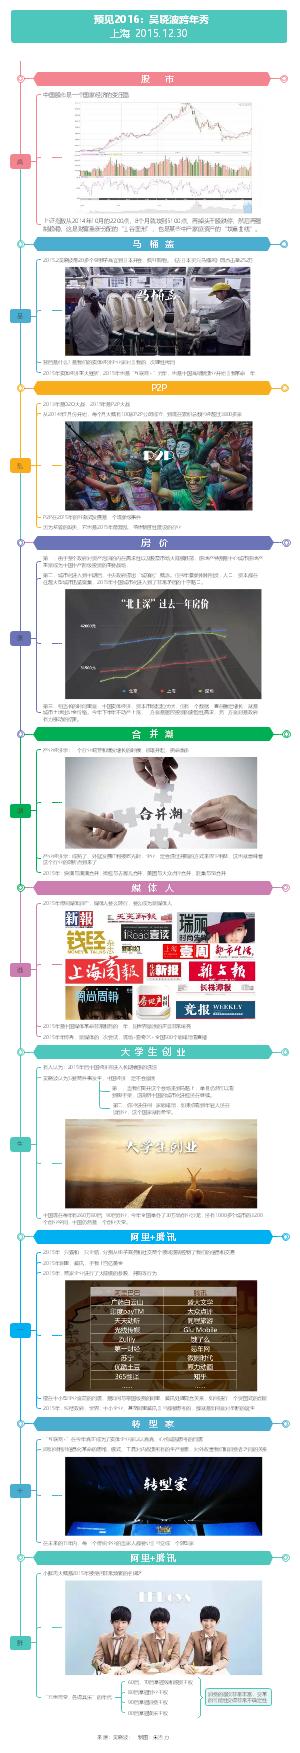 预见2016 吴晓波跨年秀